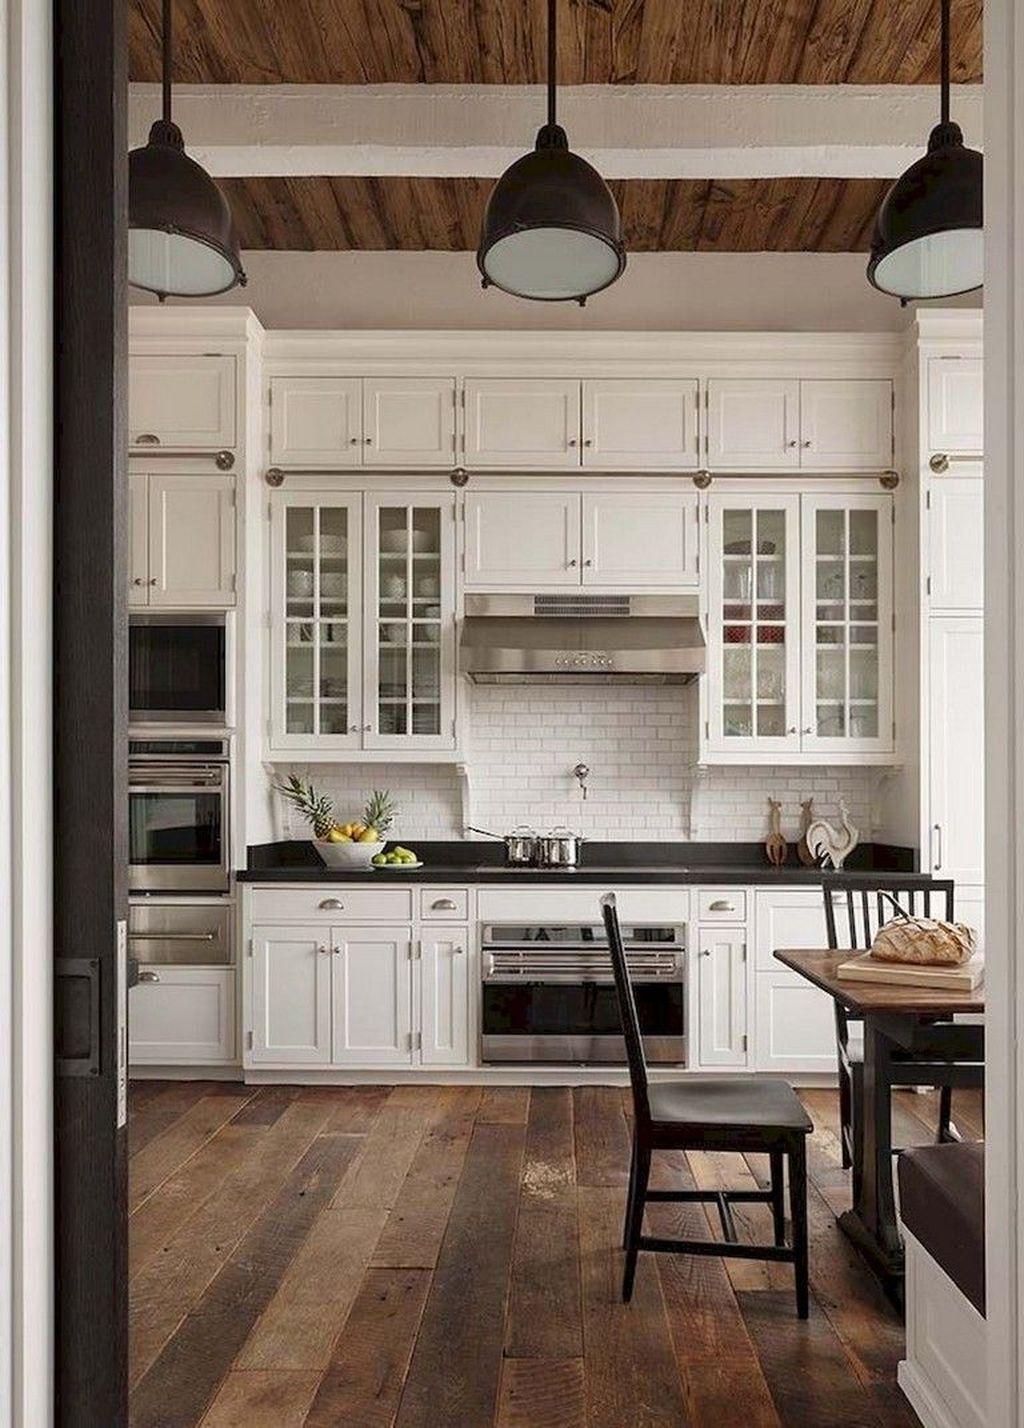 39 Attractive Modern Farmhouse Kitchen Ideas Design | Kitchen Design